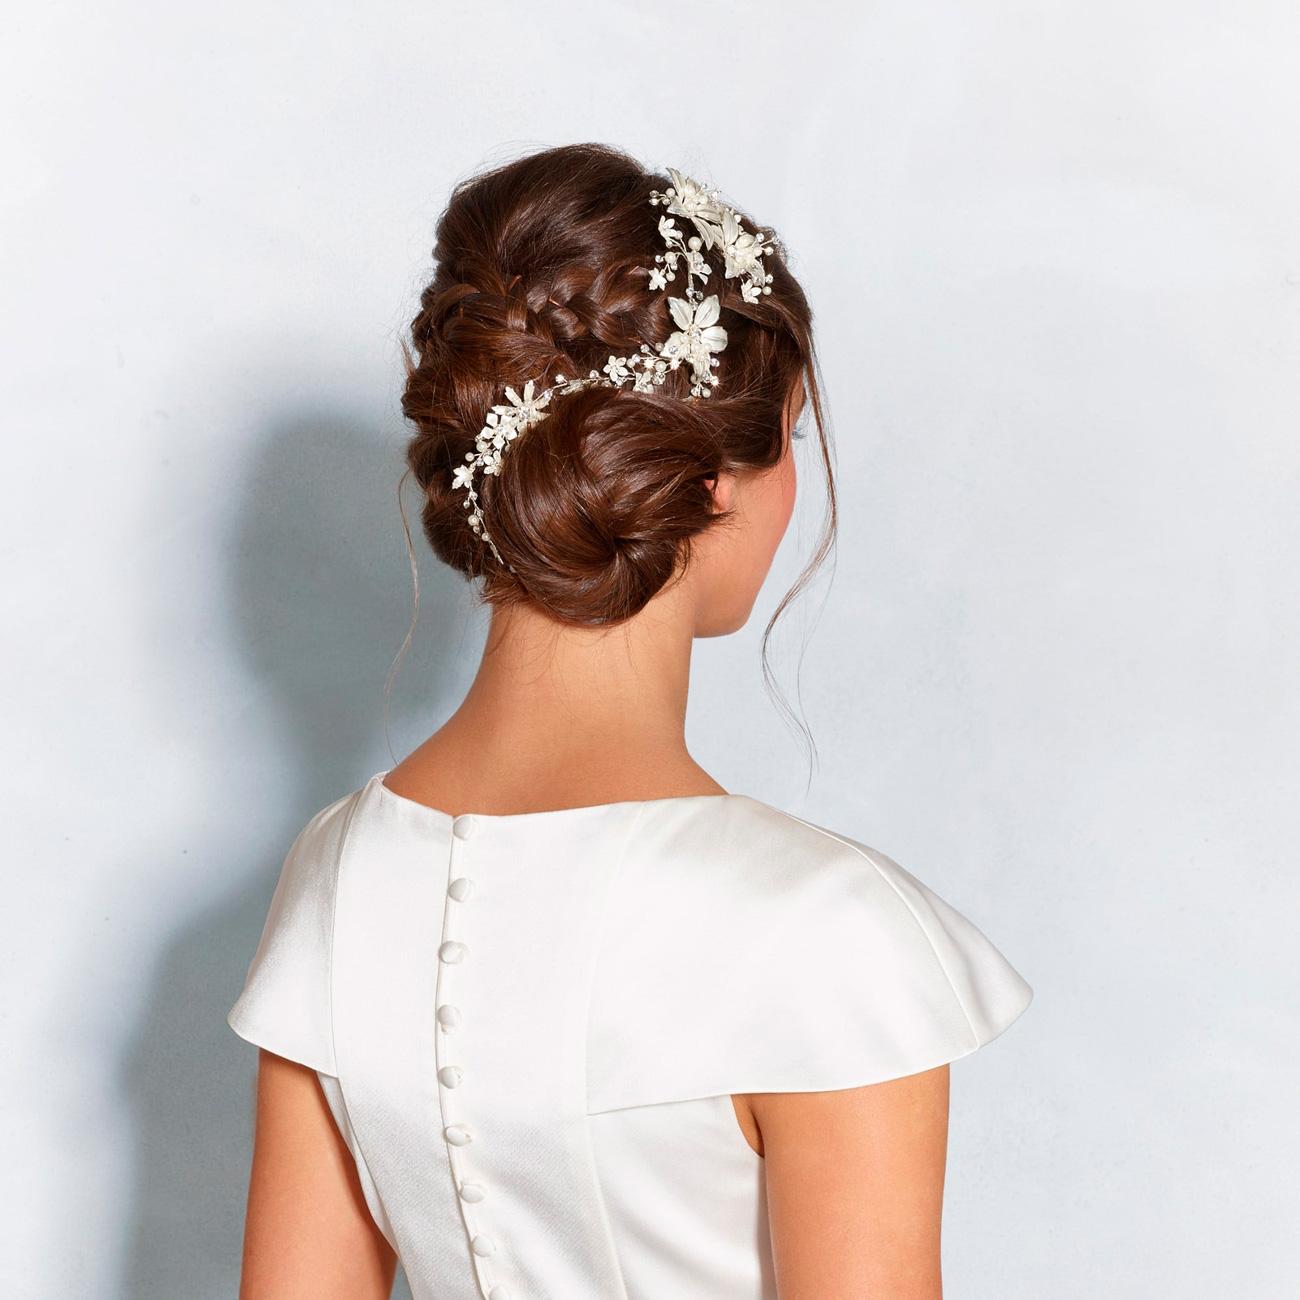 esküvői frizura, Hat ragyogó esküvői frizura hajékszerekkel kiegészítve – Hozzád melyik stílus illik a legjobban?